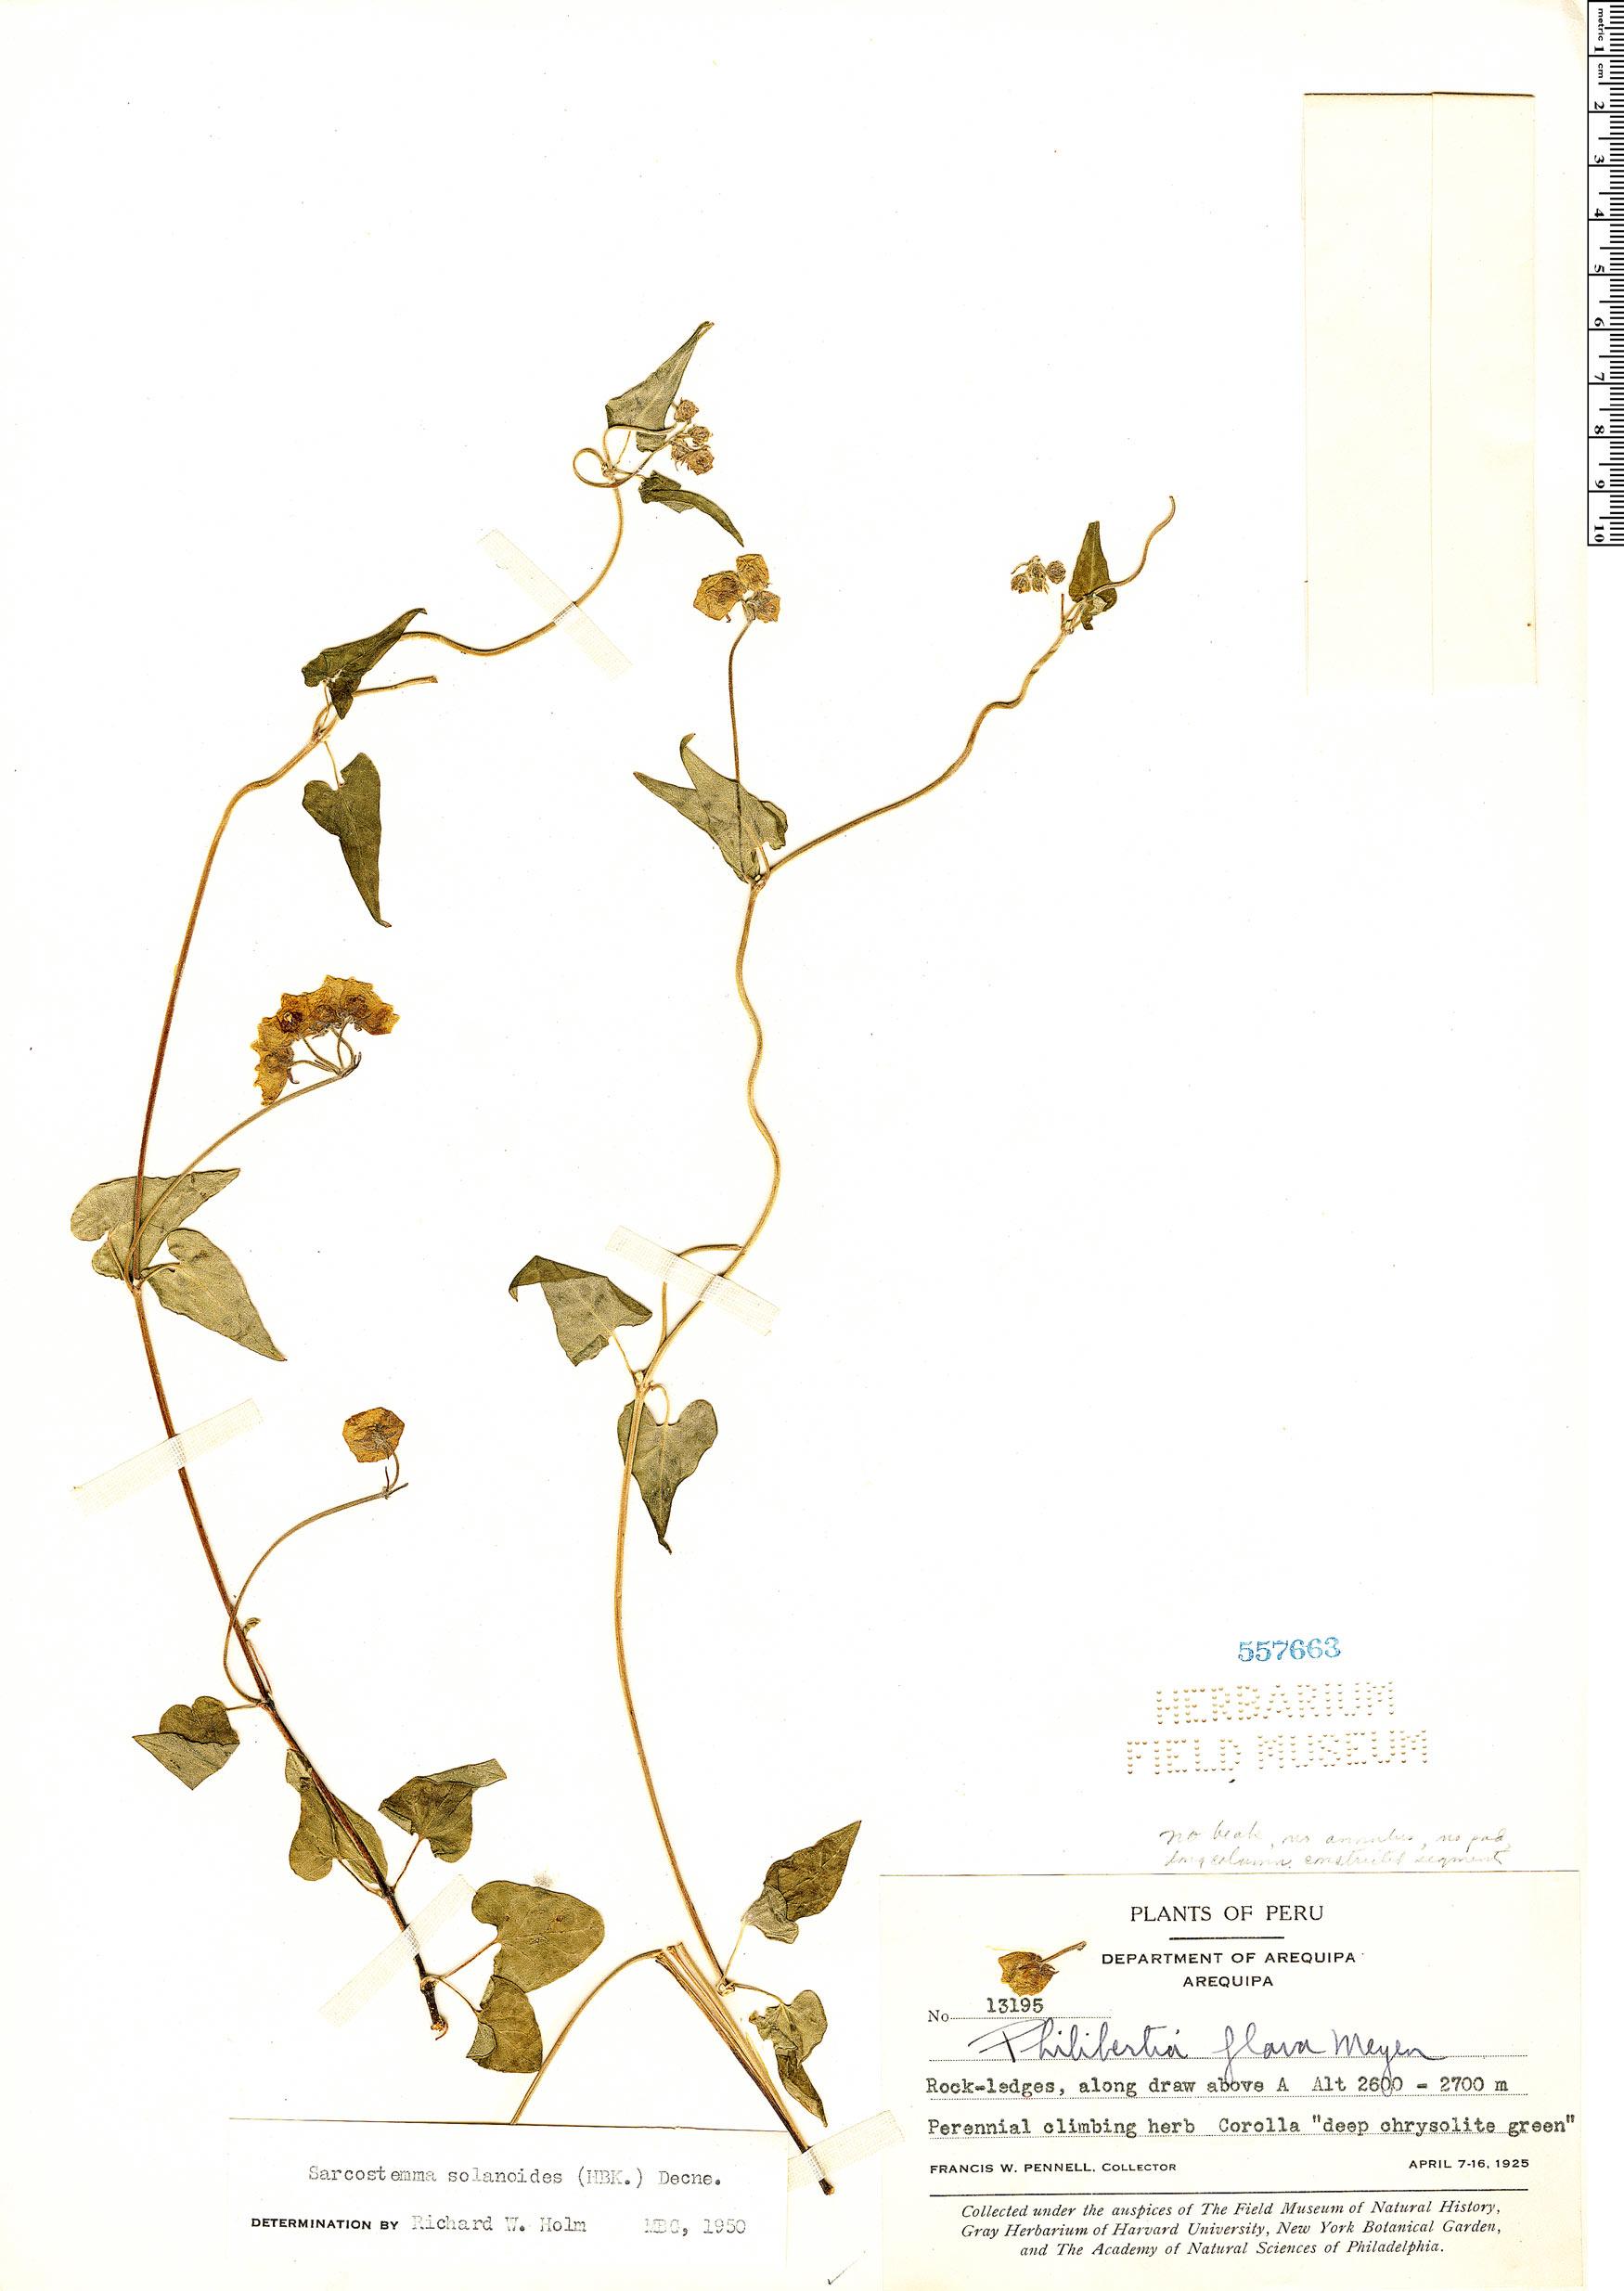 Specimen: Philibertia solanoides